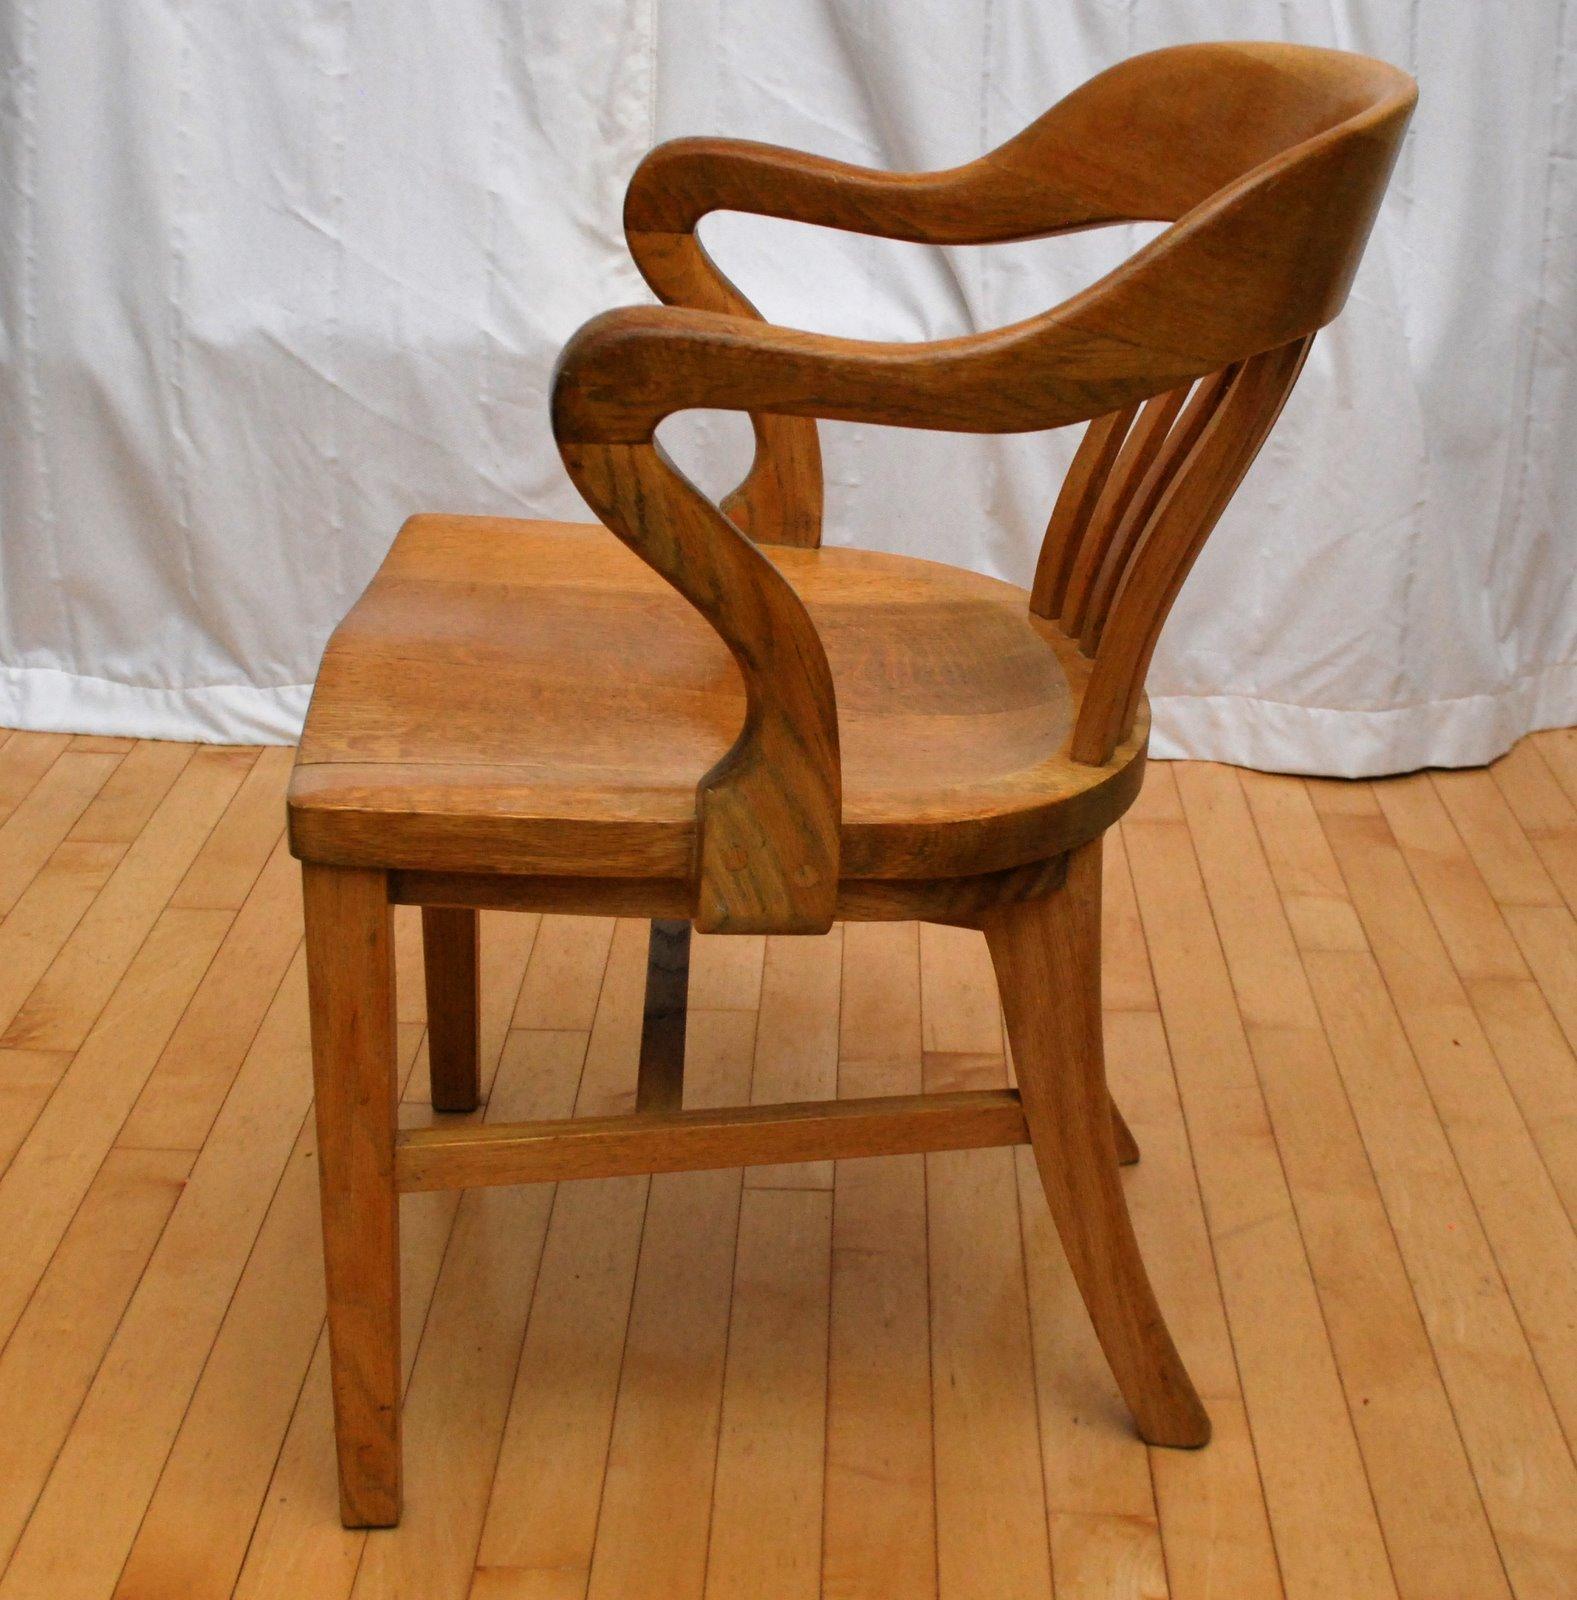 Krug Furniture 1930s | Wooden Furniture Wallpaper 777